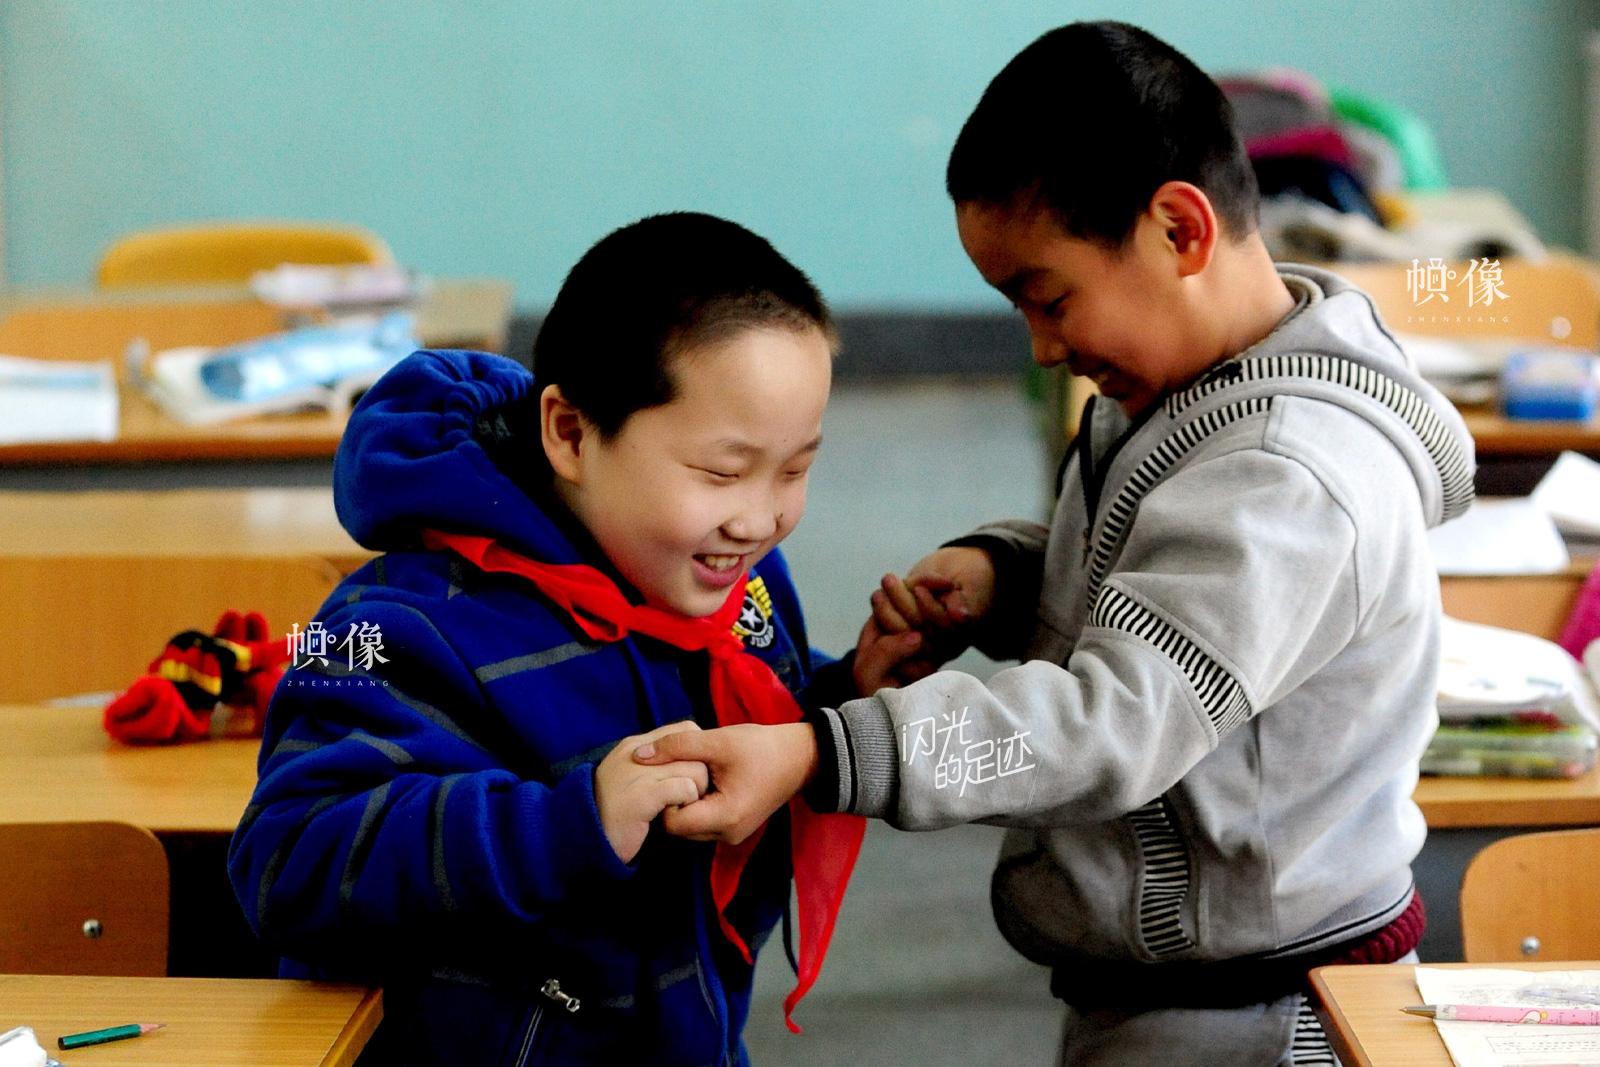 10岁的张伟患有先天性脑瘫,经过两次手术后,经帮助后可以简单的行走。2010年9月,他成了沈阳铁路第四小学二年二班的一名学生。图为张伟在同学的帮助下锻炼行走。(视觉中国供图)